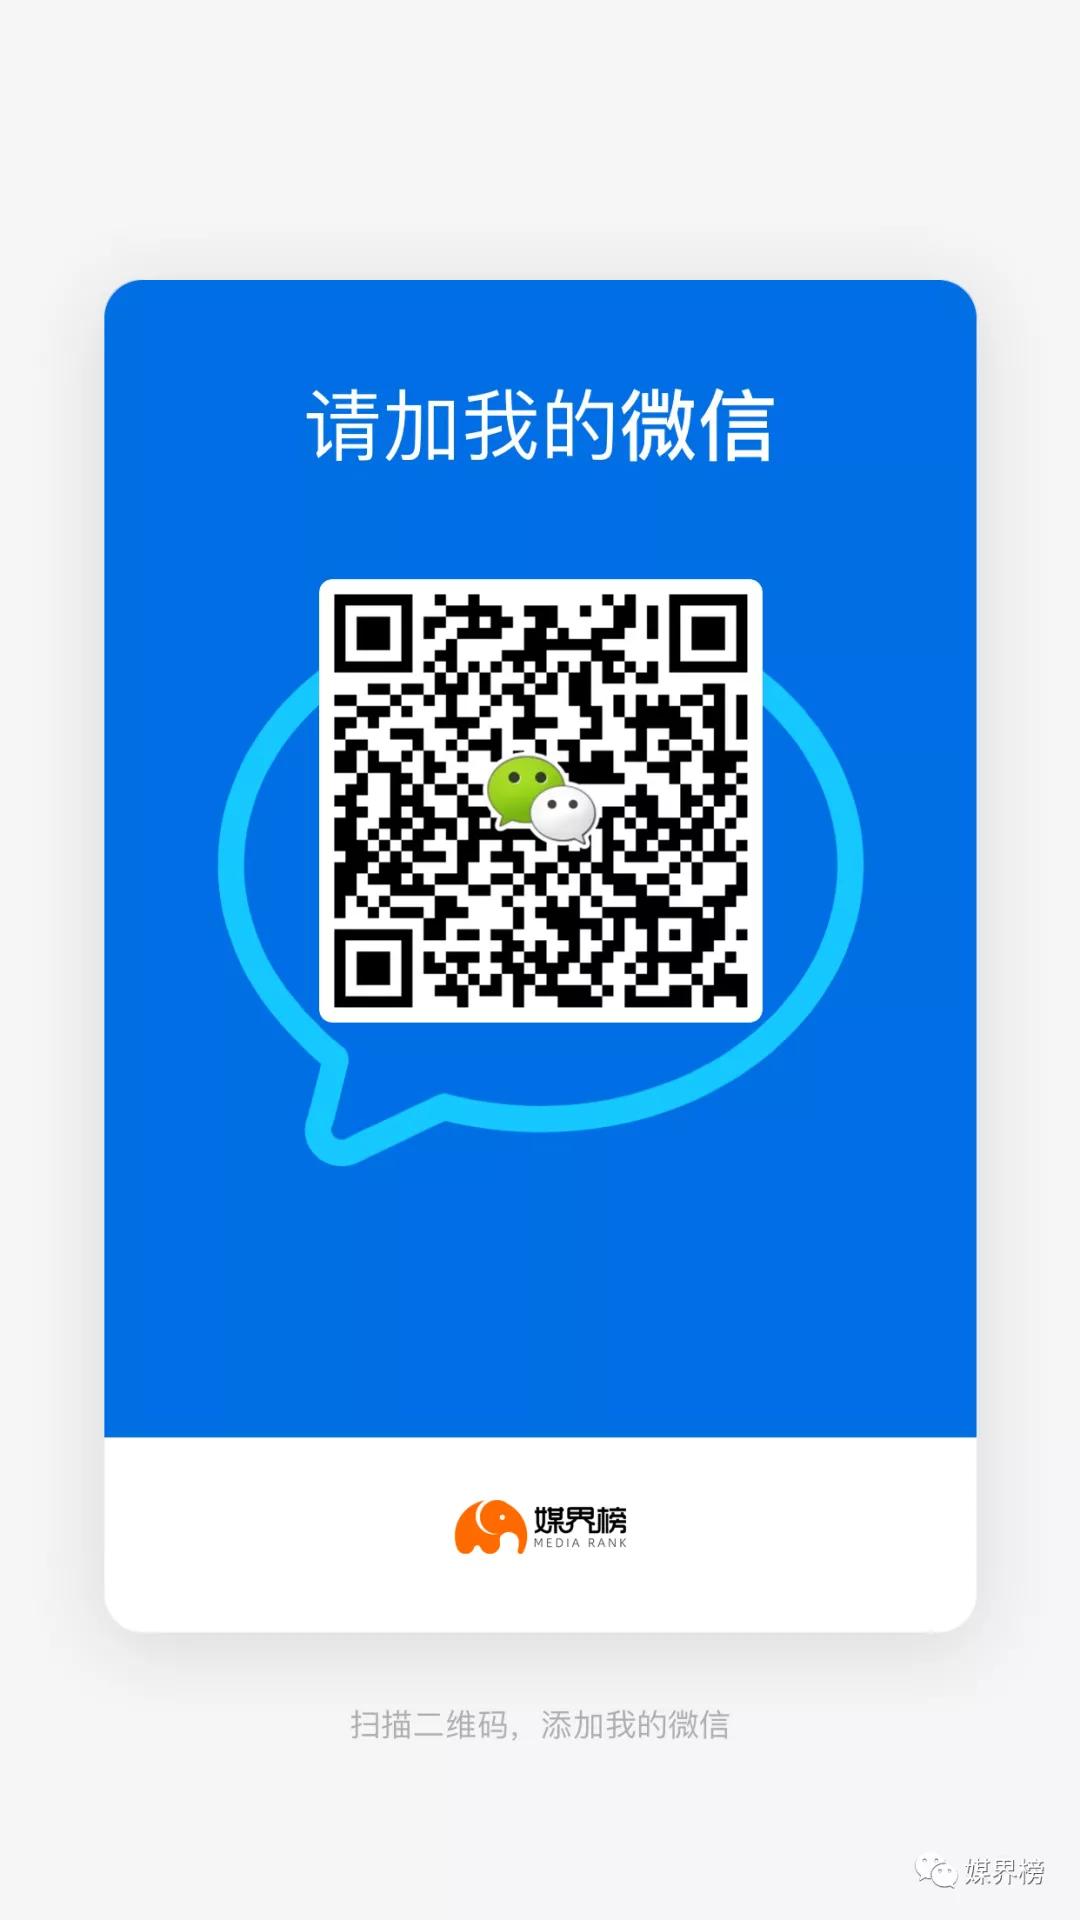 微信图片_20210604175120.png